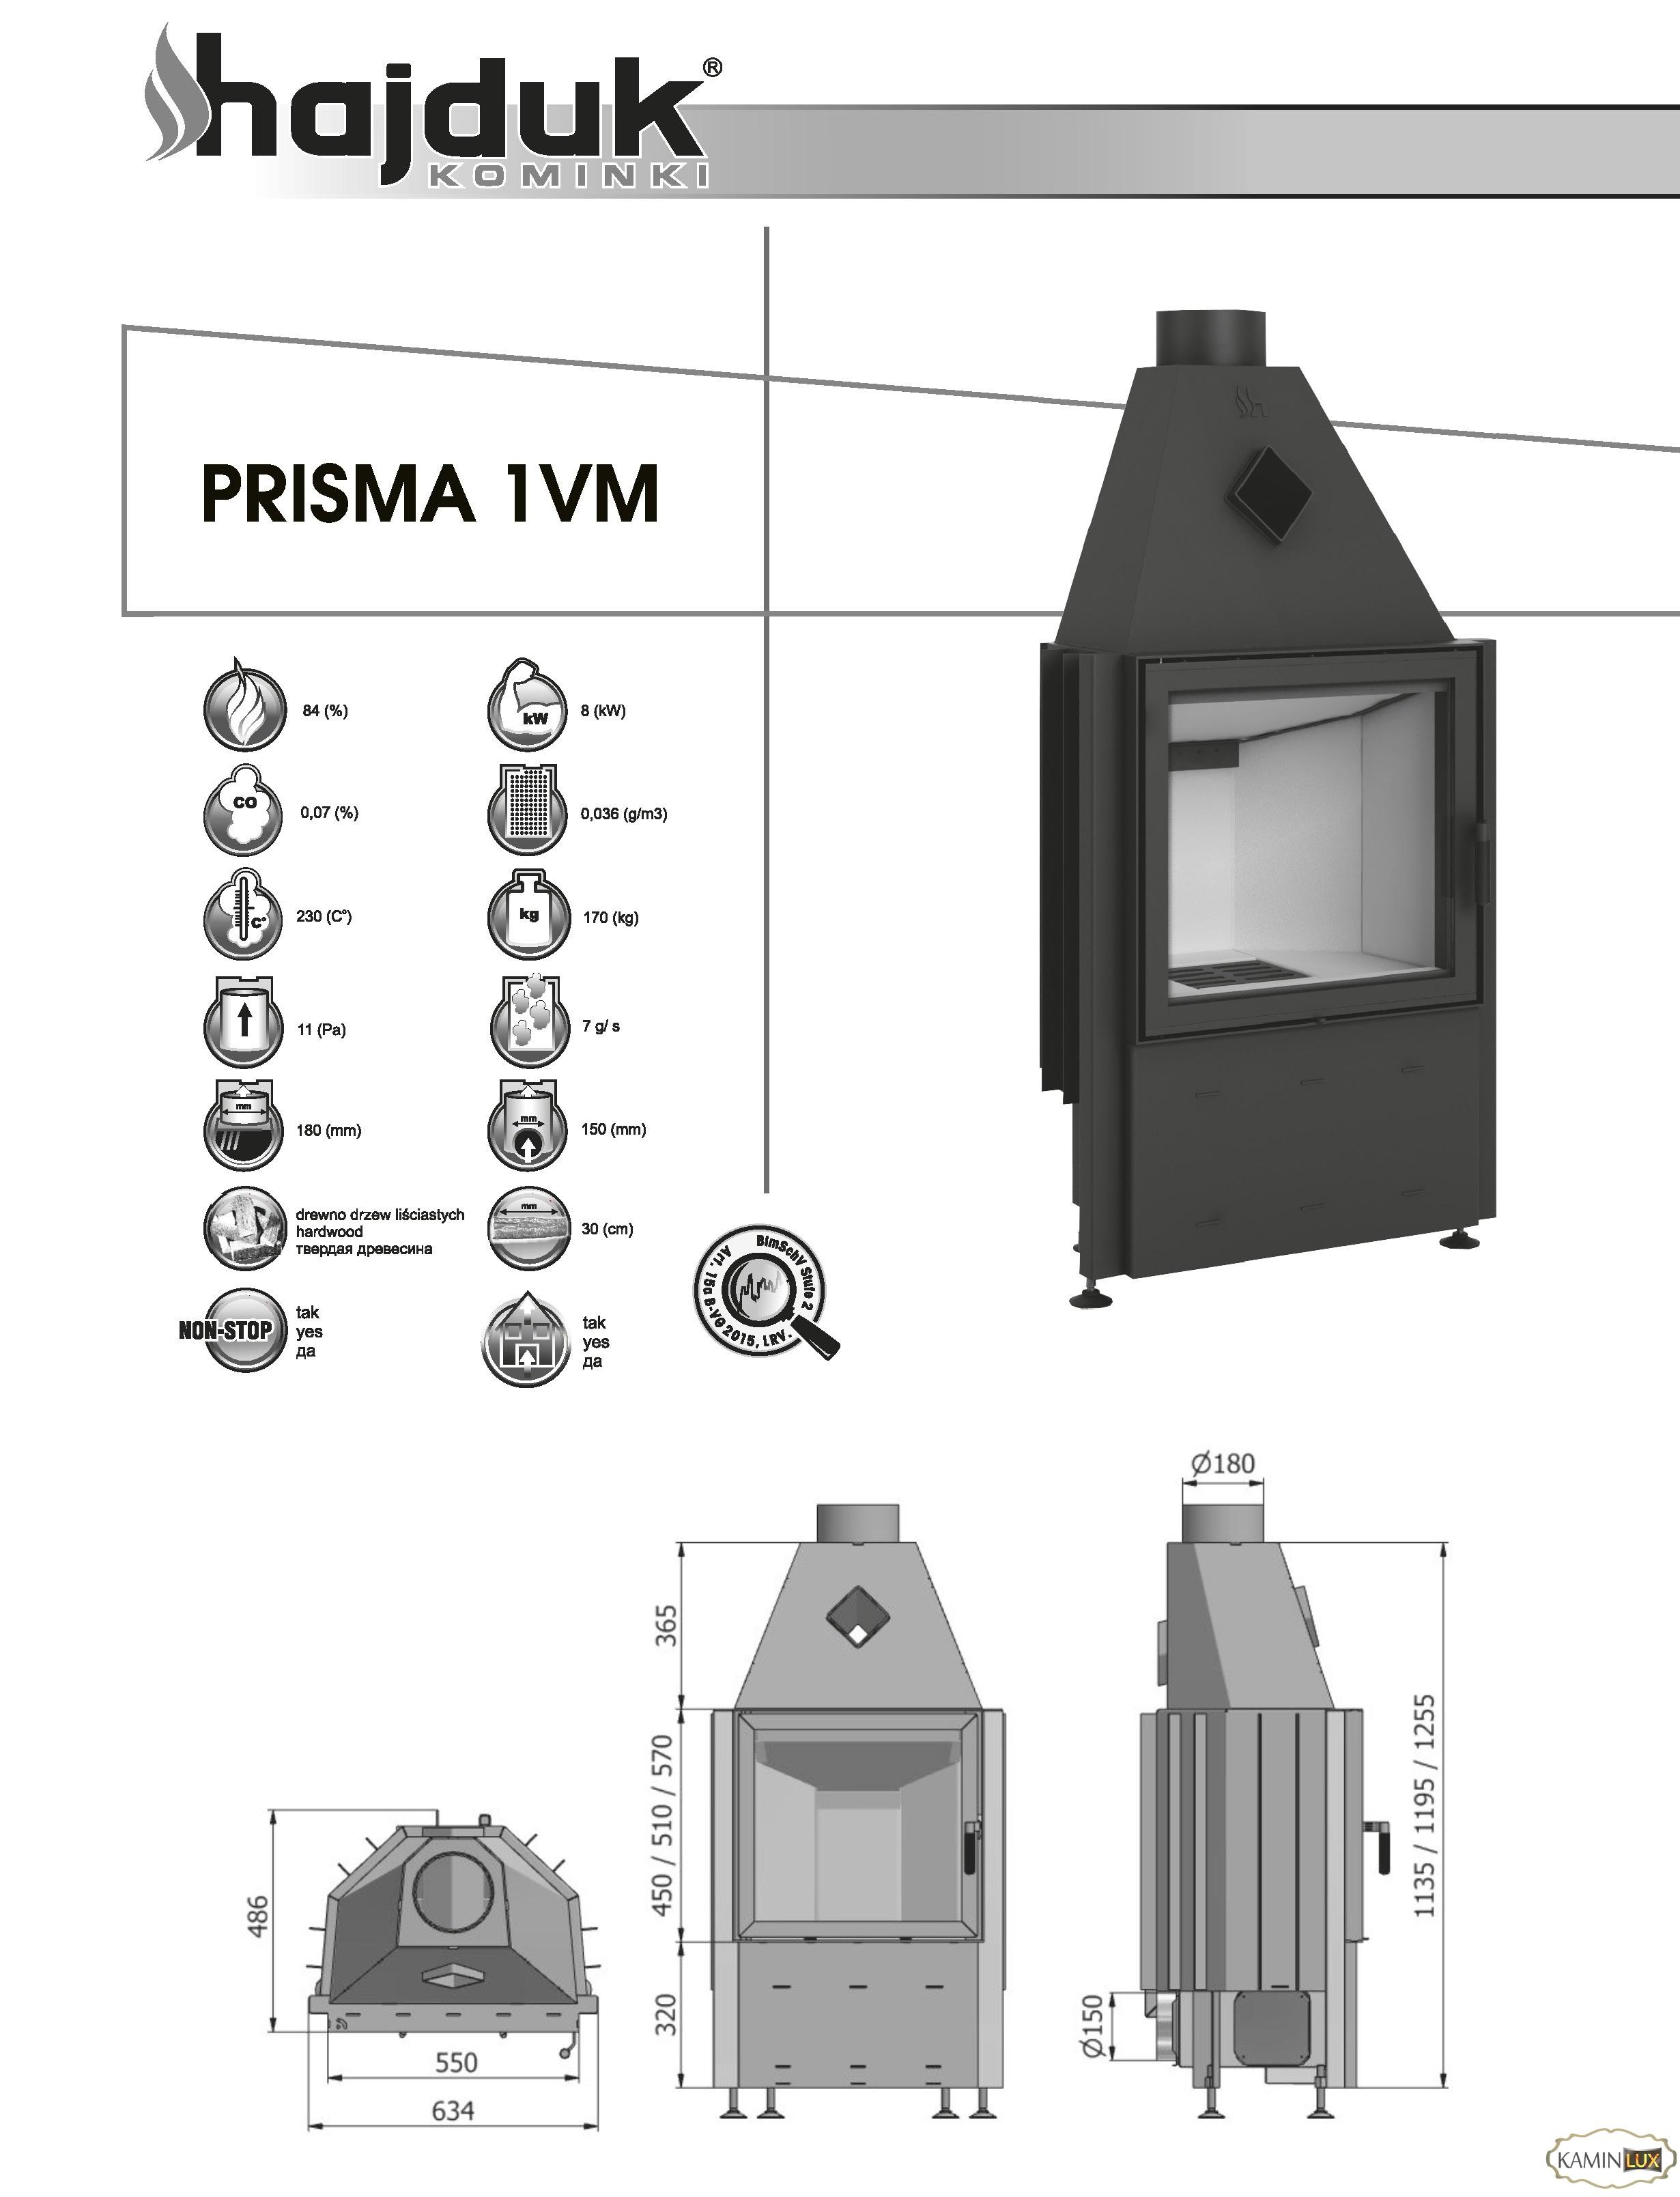 Prisma-1VM---karta-techniczna.jpg